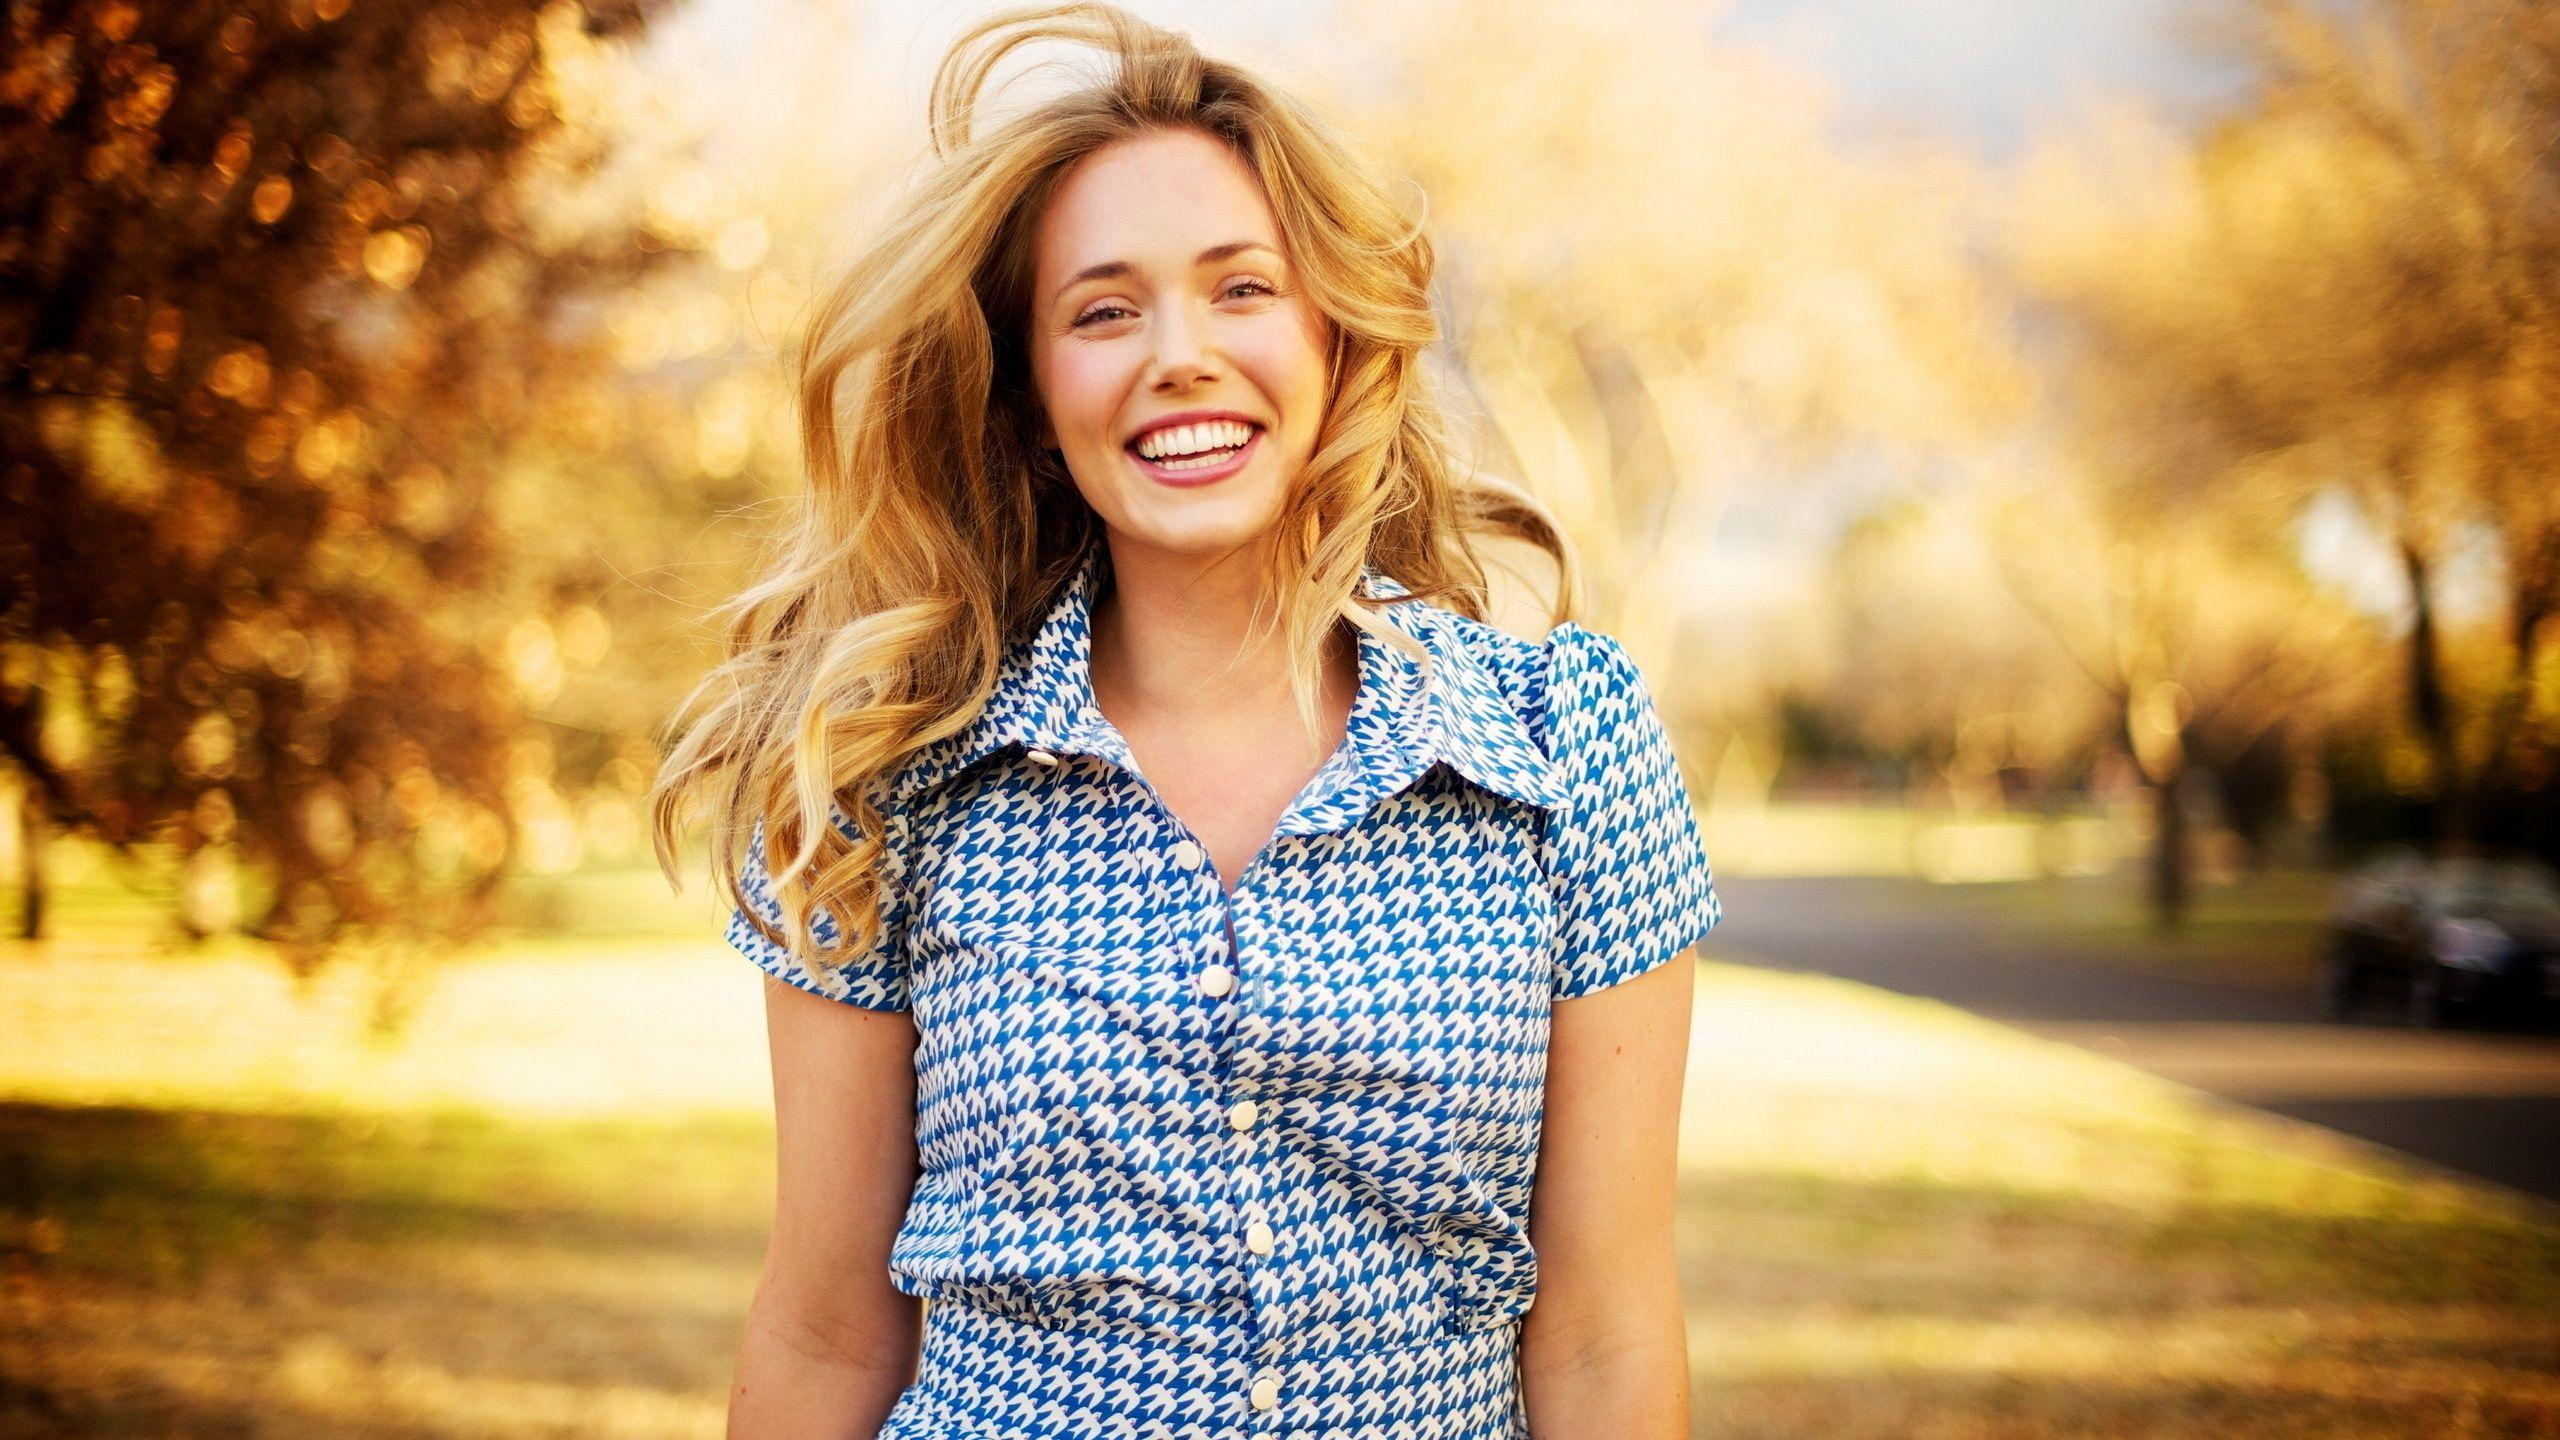 """Elena – Irina SPILCĂ - 📌 """"Fericirea nu ar fi greu de obținut, dacă noi am trăi simplu și când spun simplu, nu mă refer la a fi săraci material, ci la acea simplitate în gândire"""" 👉 http://bit.ly/2cW5JCC 🎨 """"Ideea este să faci ce-ți place, să te dăruiești în tot ce faci și să te contopești, să rămâi acolo unde ești apreciată, să oferi ce simți și să nu-ți fie teamă de judecata celor din jur atunci când faci o alegere.."""" 👉 http://bit.ly/2cW5JCC #IrinaSPILCA #DespreFericire #Depresia"""